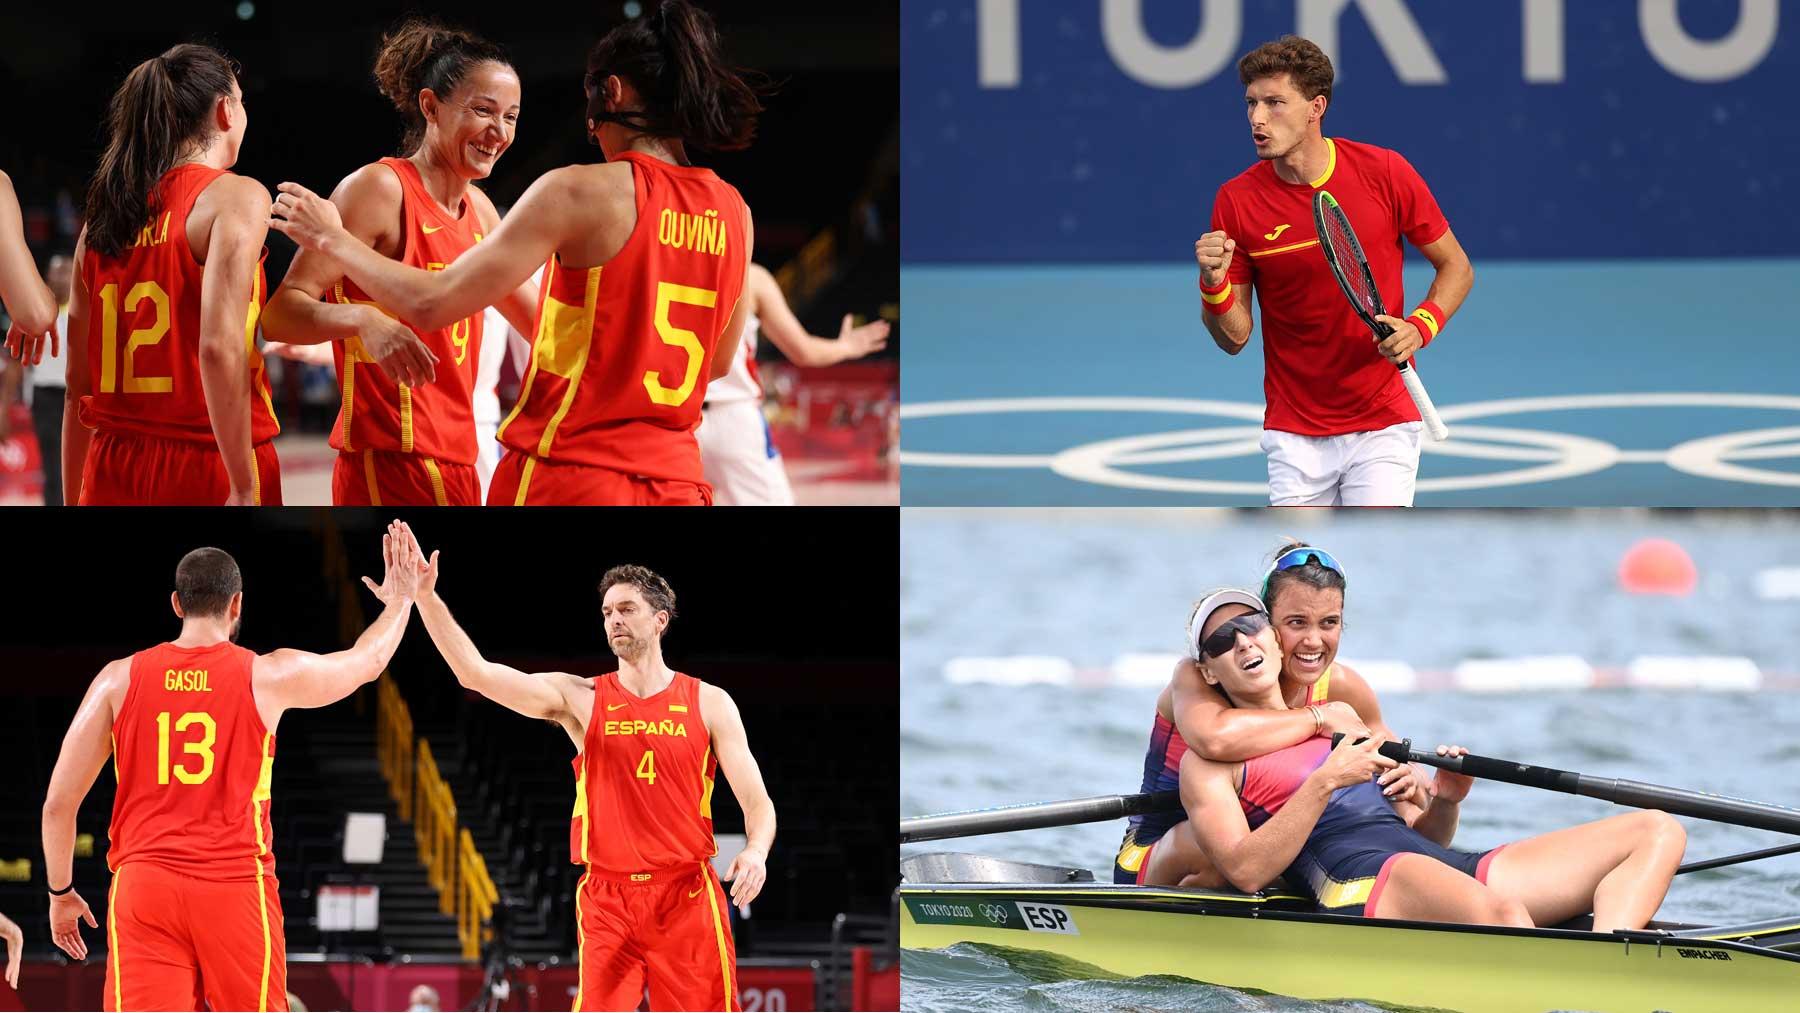 Baloncesto, remo, tenis son algunos de los eventos destacados hoy jueves 29 de julio en los Juegos Olímpicos (Getty y AFP)